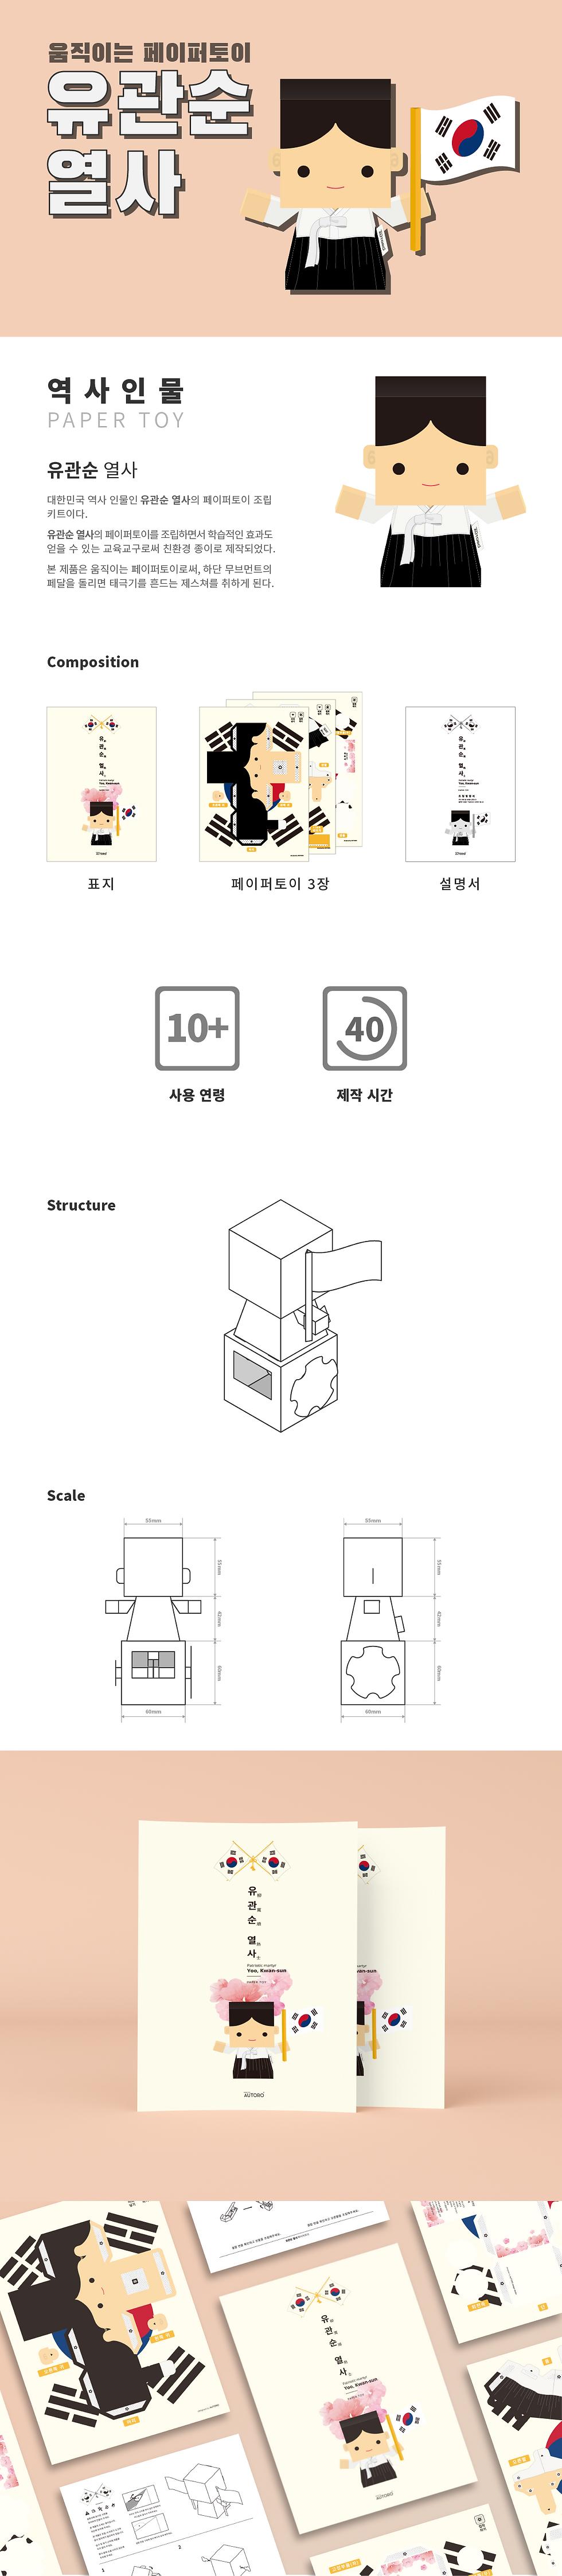 01-02. 유관순 열사_무브먼트_상세페이지.png